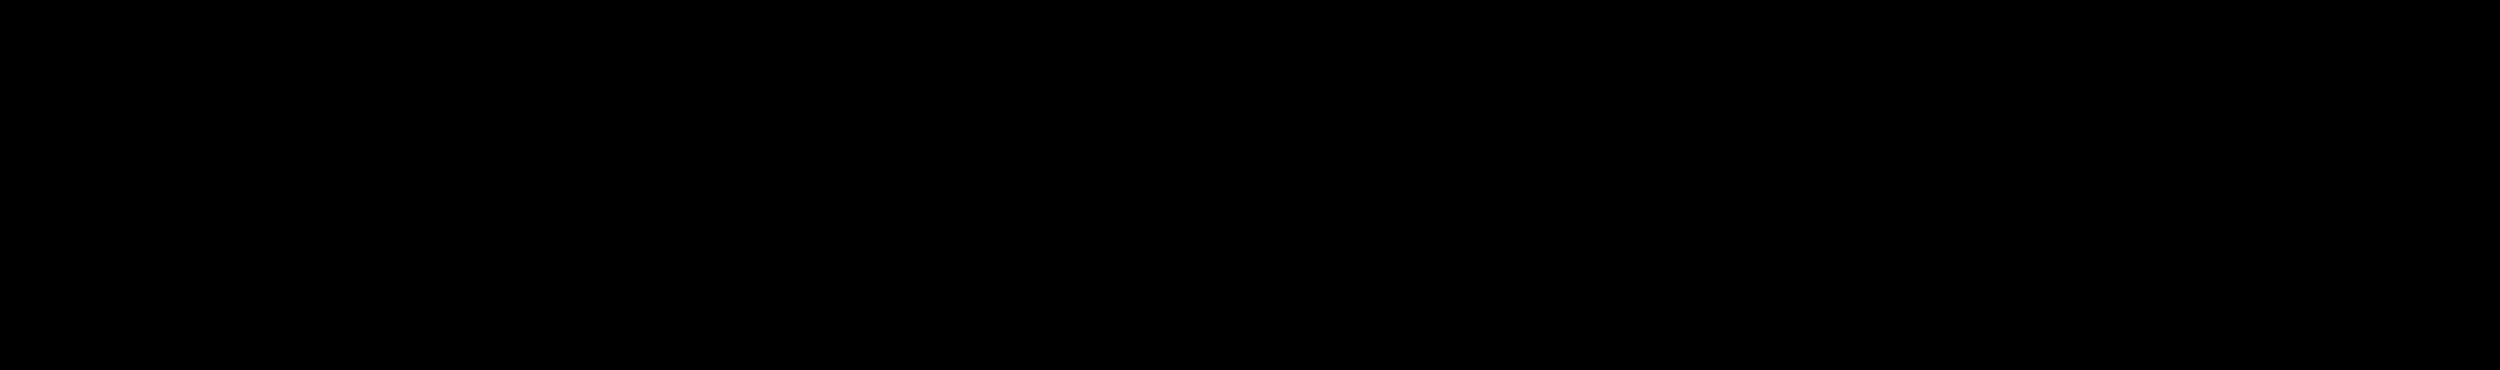 TDT Black Logo.png